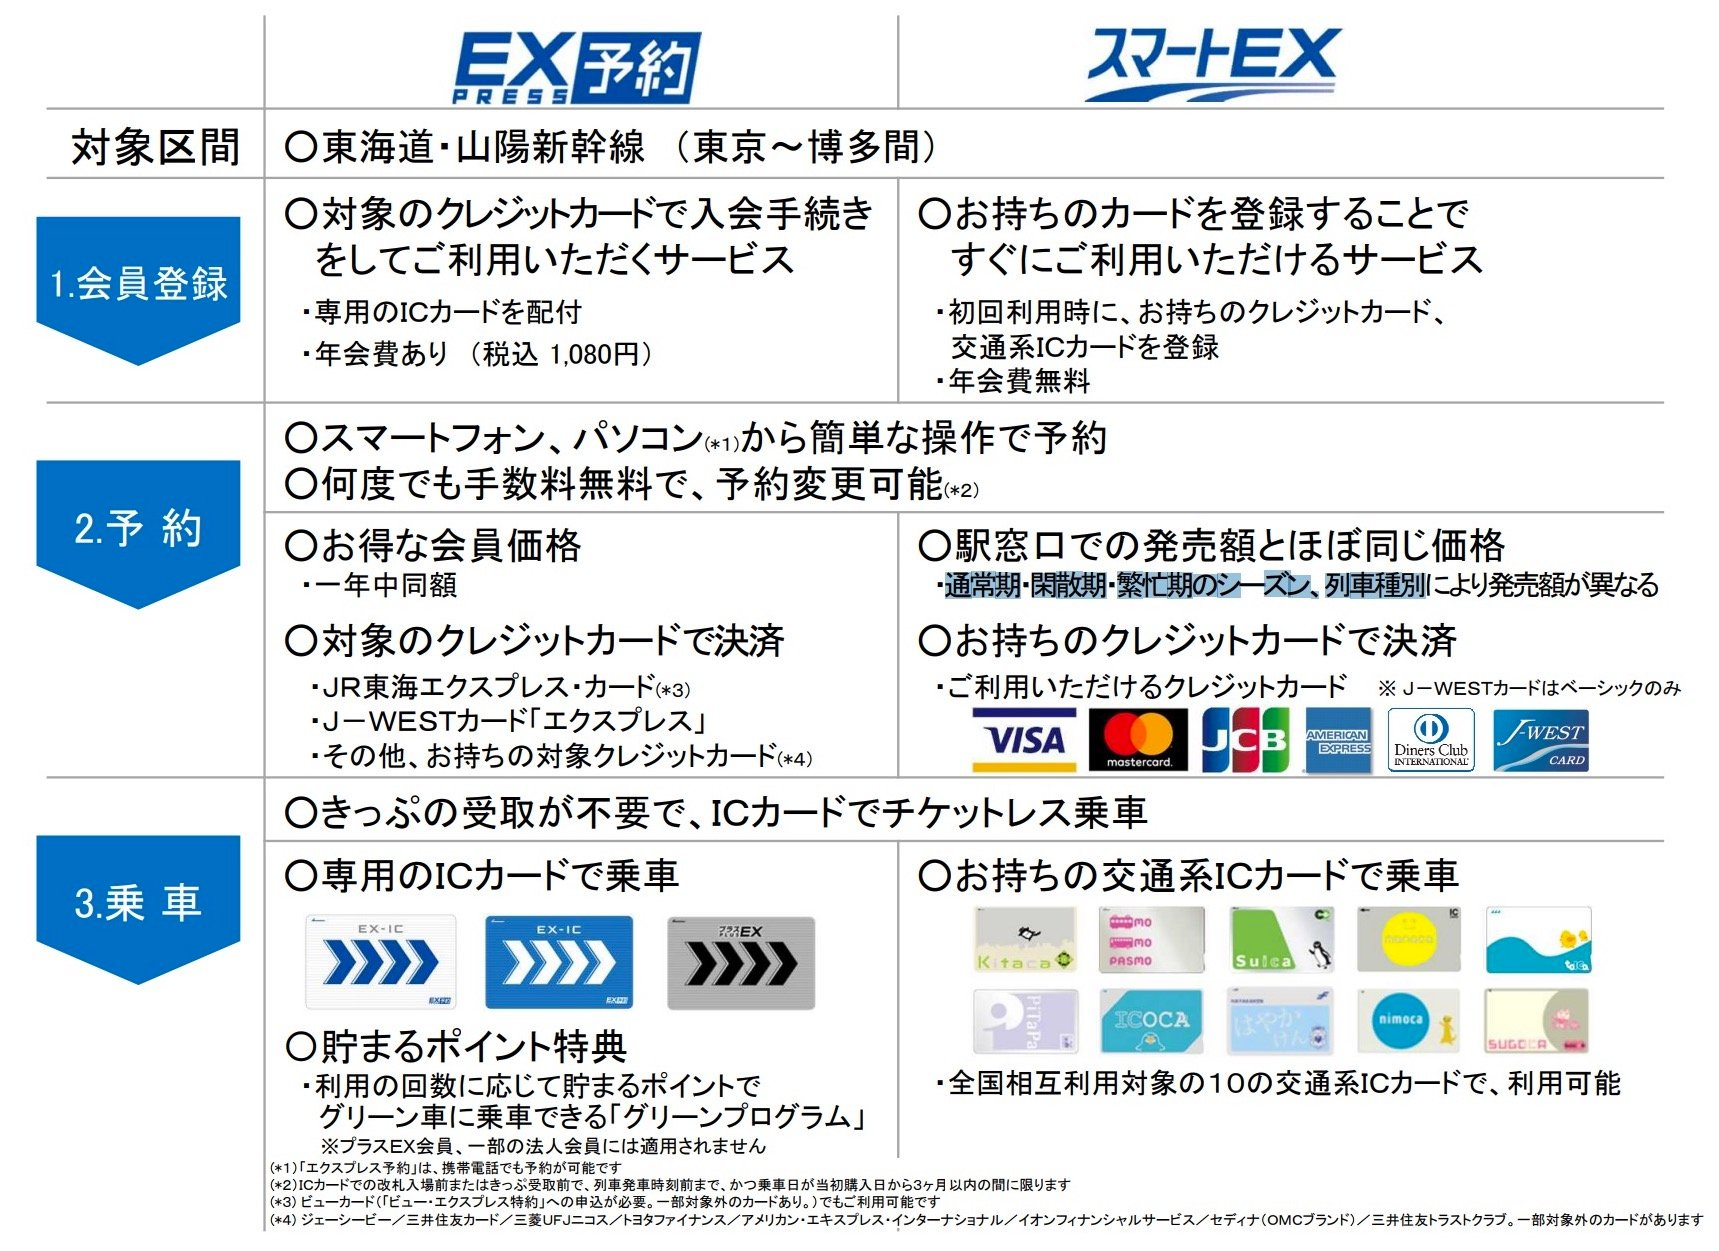 スマホとSuicaで新幹線予約「スマートEX」の使い方〜登録・予約・払戻などまとめ